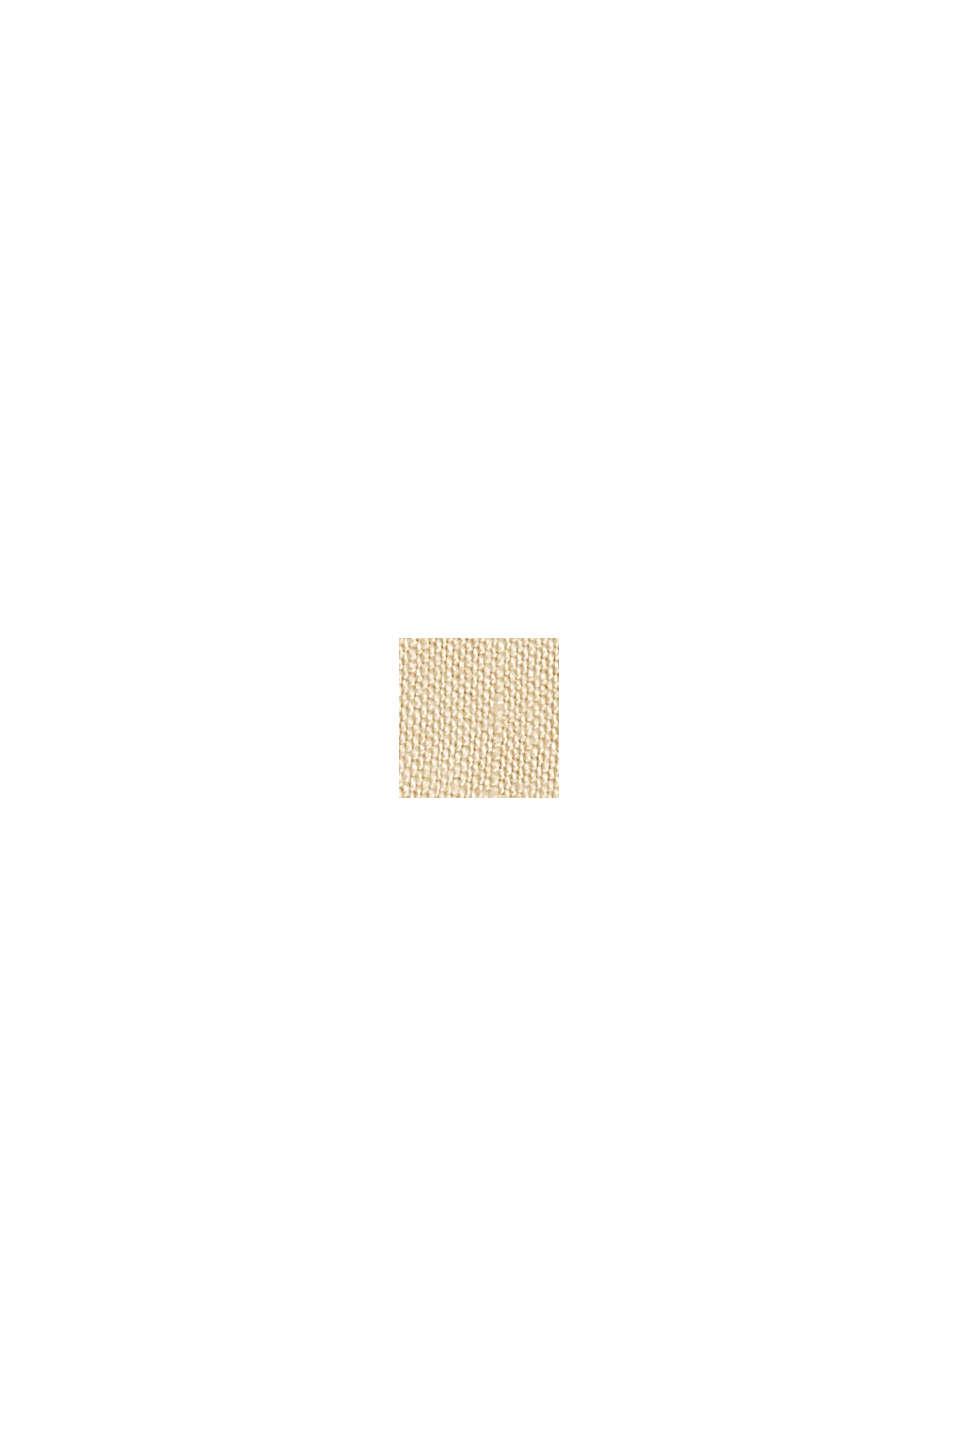 CURVY Leinen: Culotte mit elastischem Bund, SAND, swatch